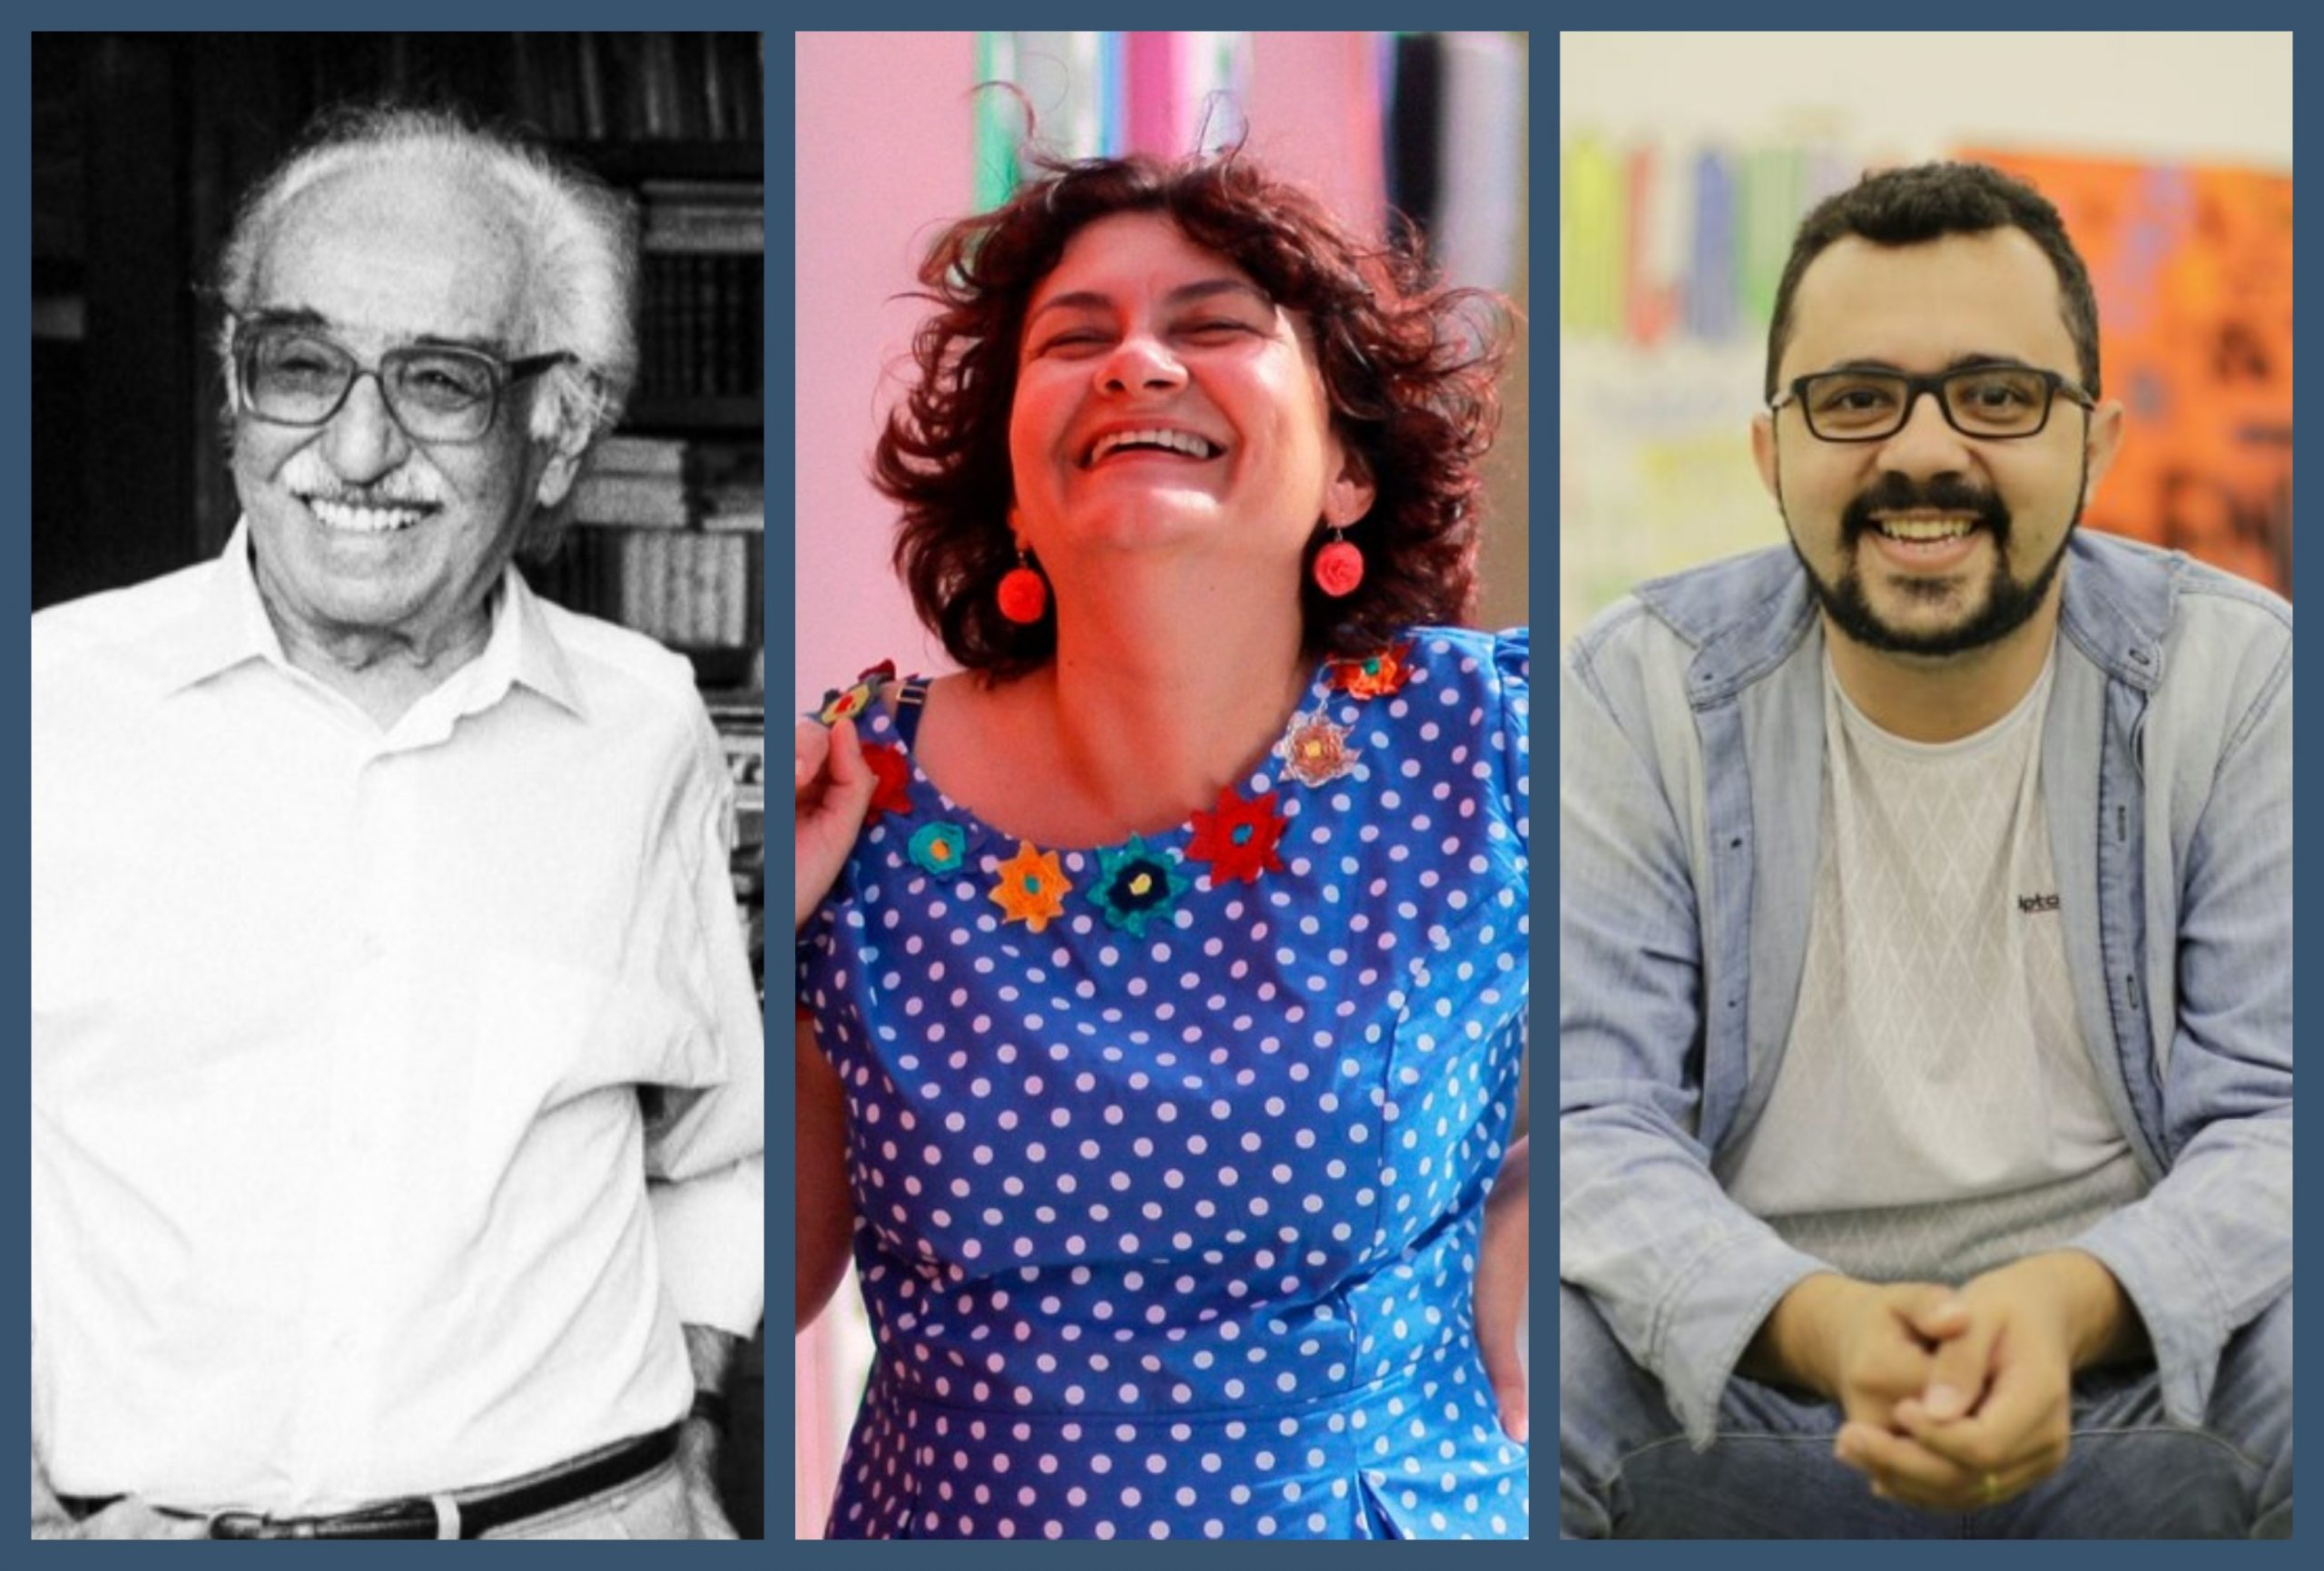 Manoel de Barros, Cida Pedrosa e Mailson Furtado